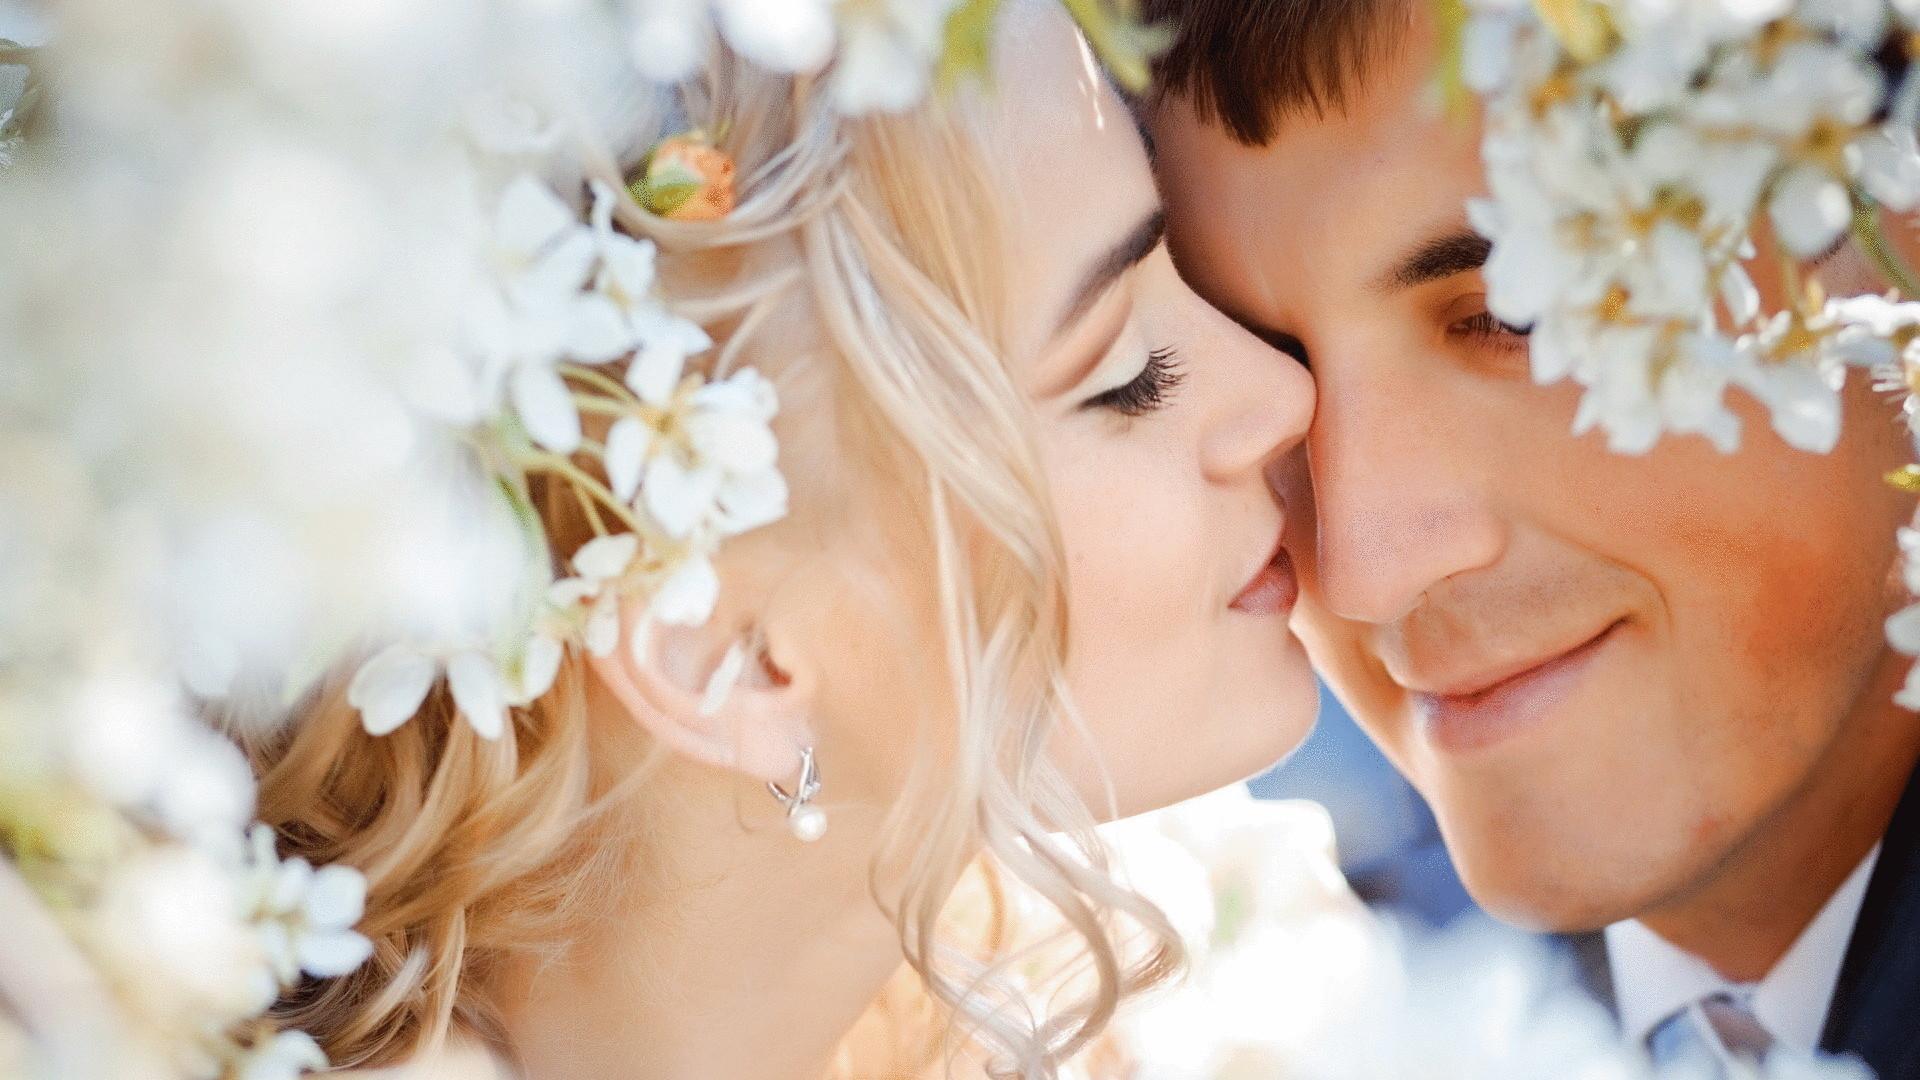 Фото женщины целуются 31 фотография